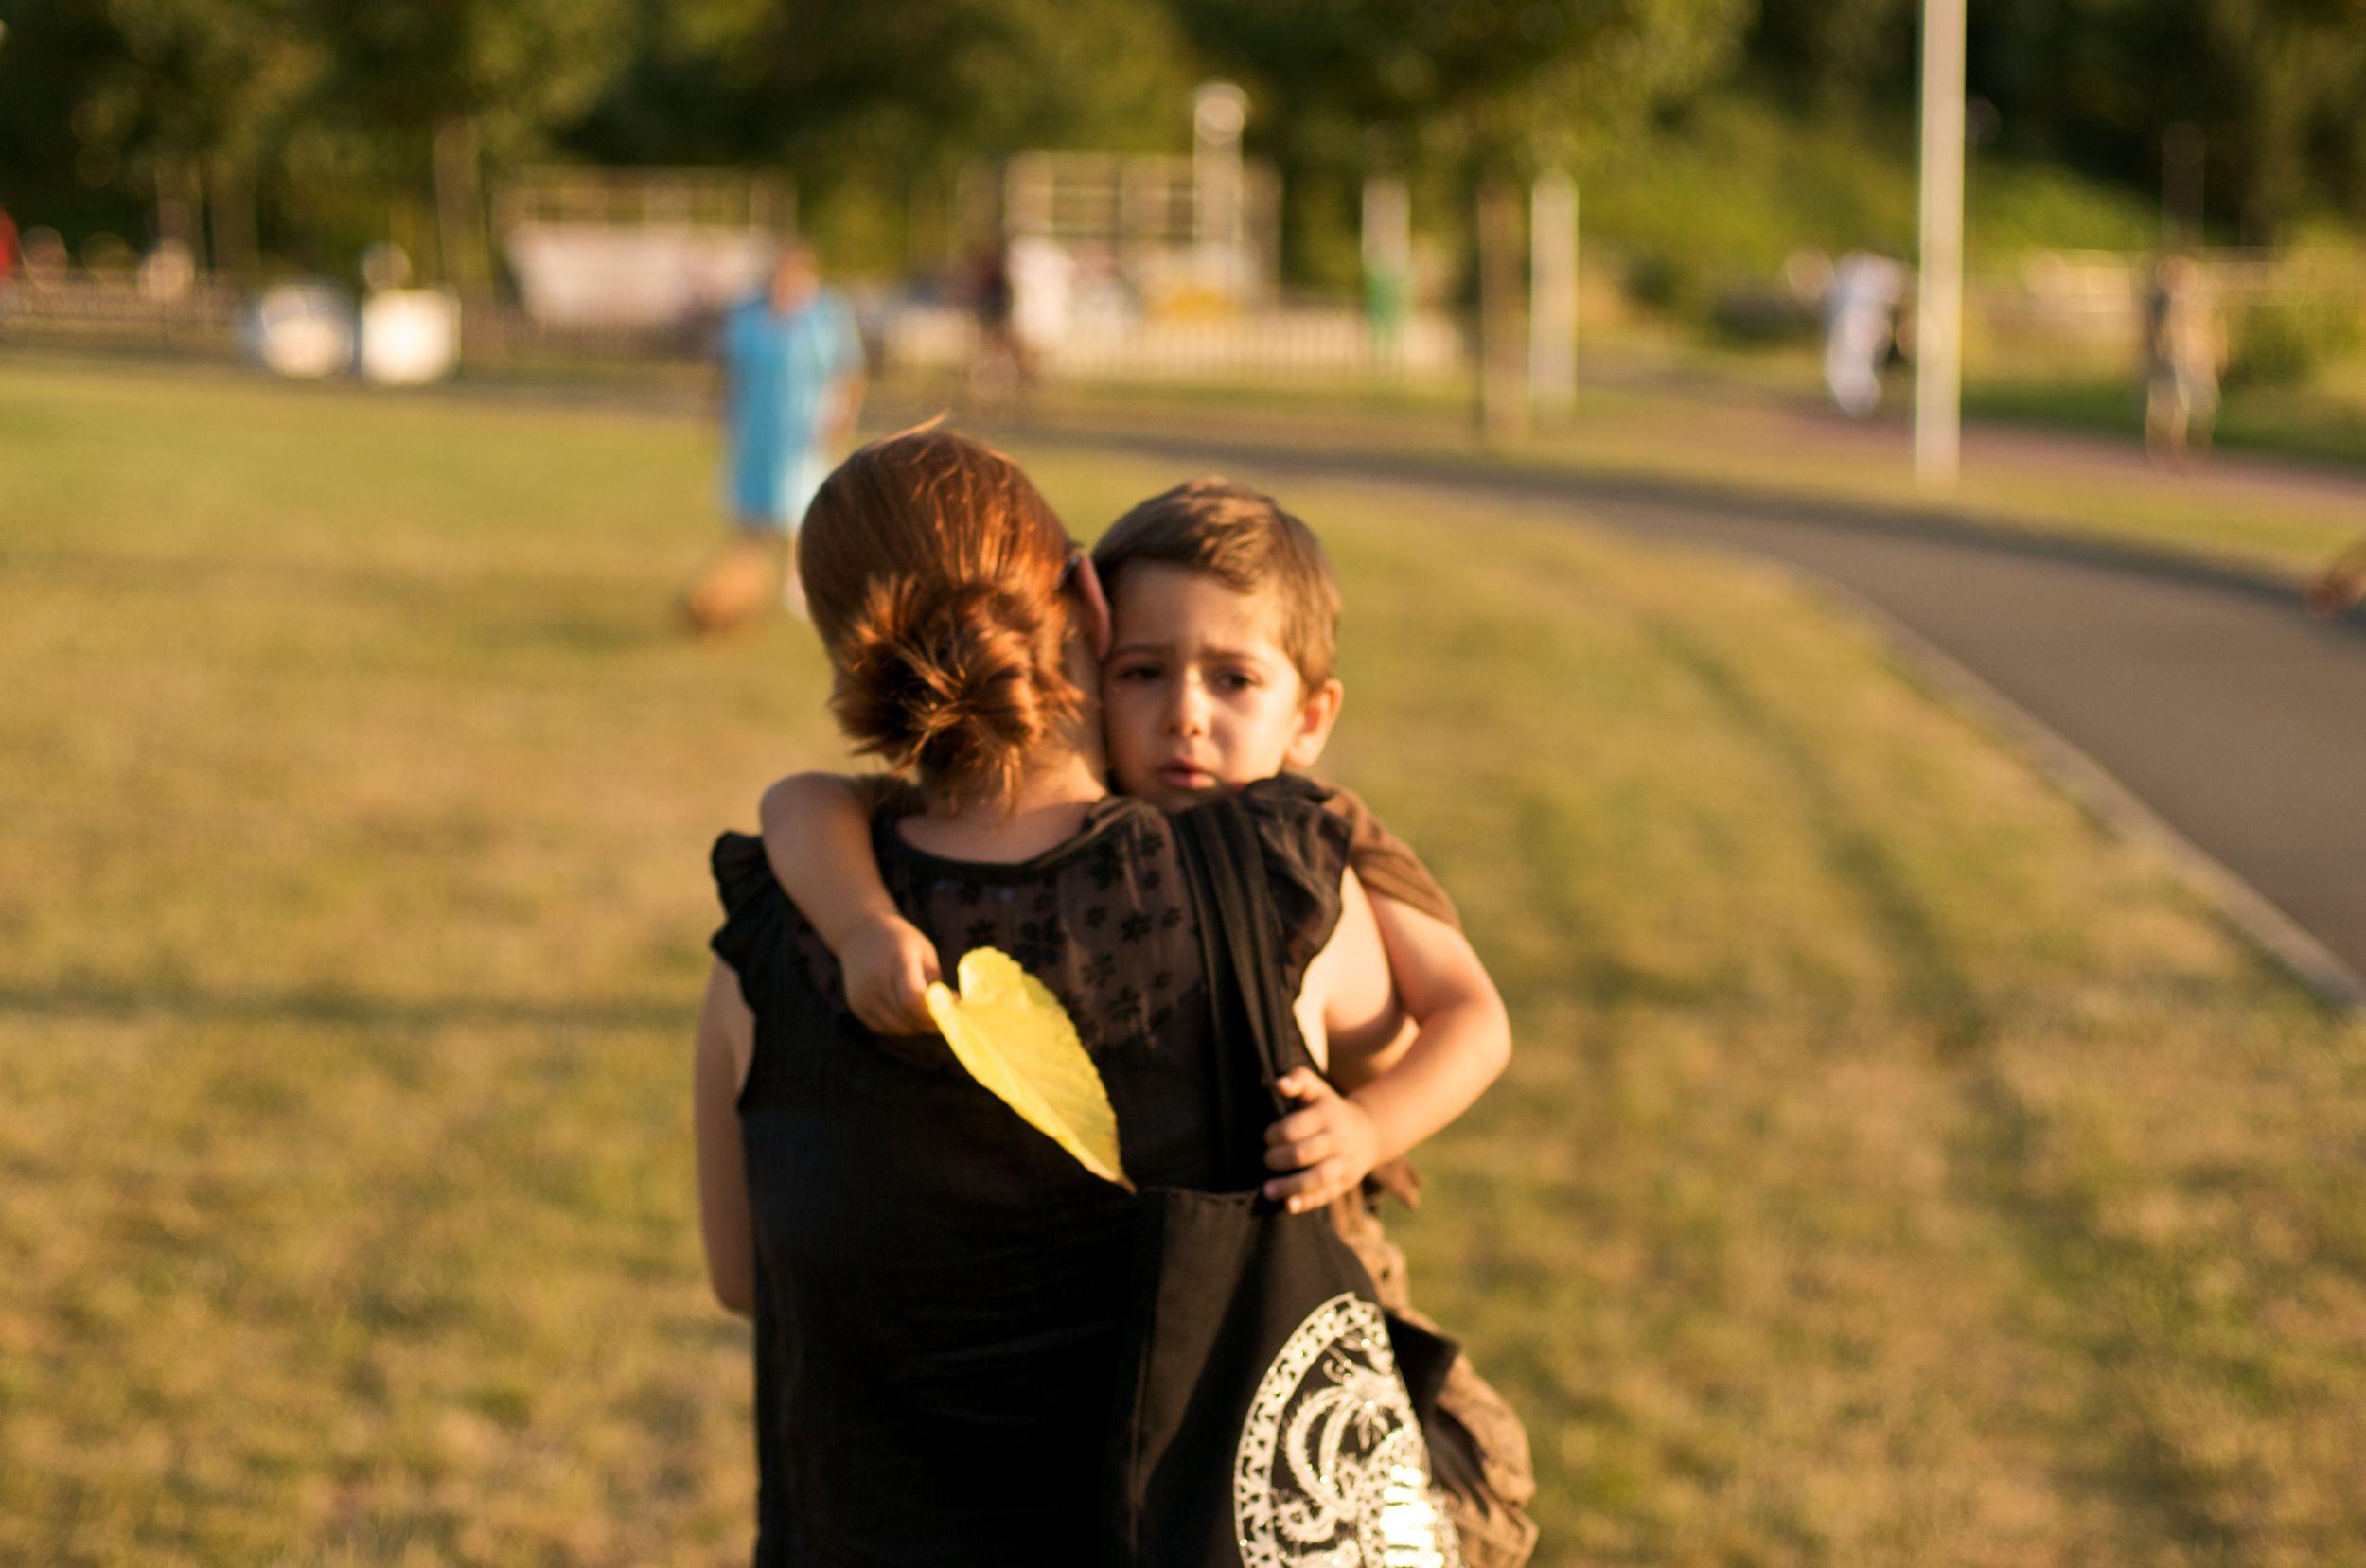 Dzieci alkoholików żyją w ciągłym napięciu, niepewności, lęku (fot. Mario Antonio Pena Zapater~a / http://bit.ly/1BtcDTb / CC BY / http://bit.ly/1dsePQq)